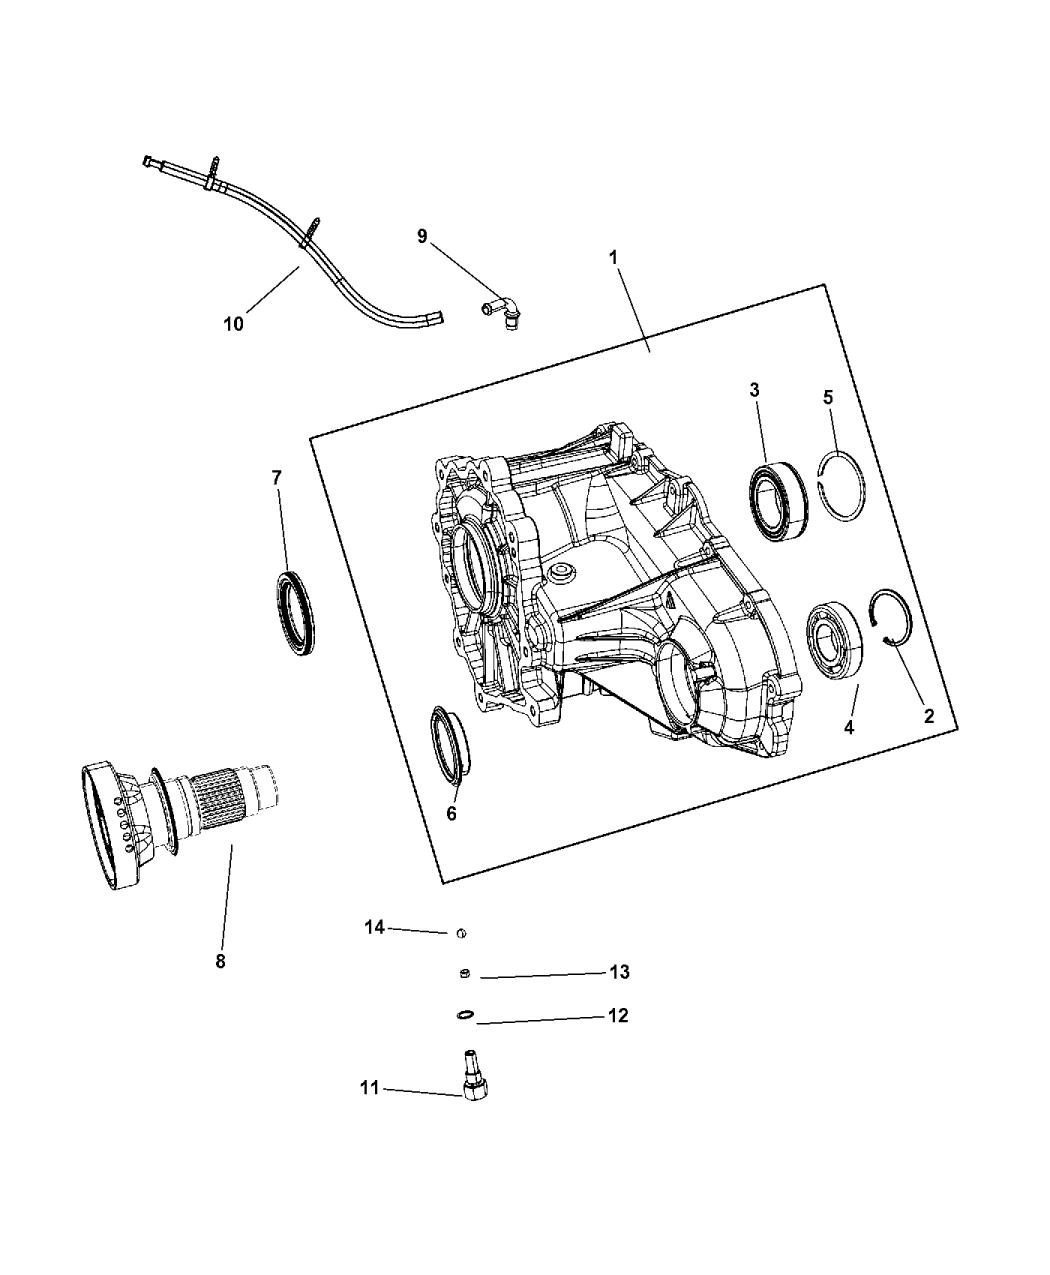 2014 jeep grand cherokee parts manual